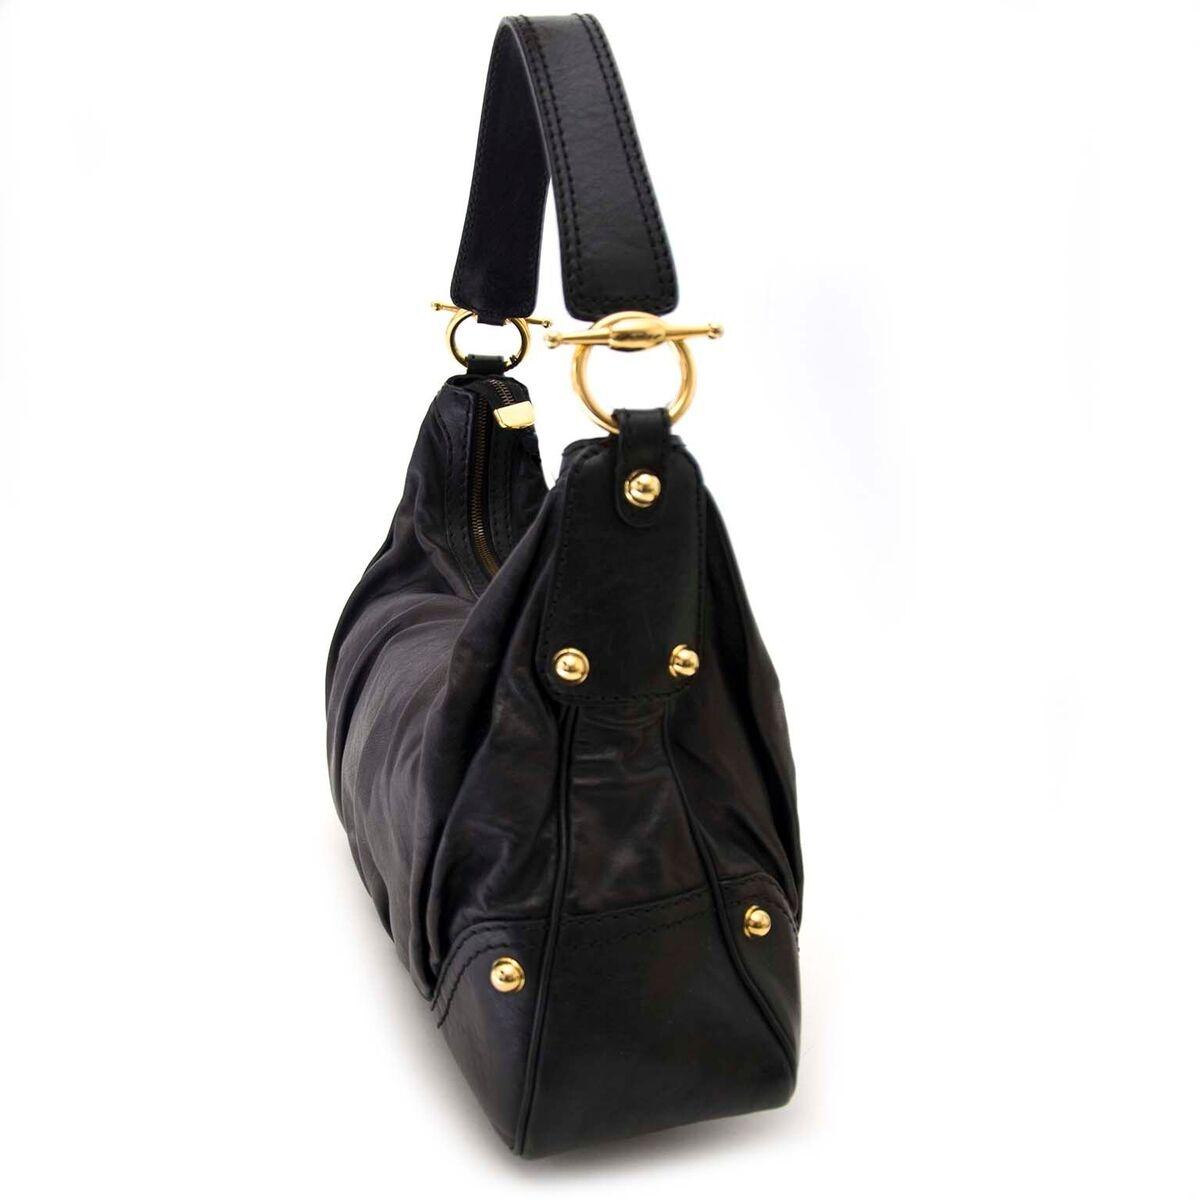 Koop authentieke tweedehands Gucci tas aan een eerlijke prijs bij LabelLOV. Veilig online shoppen.